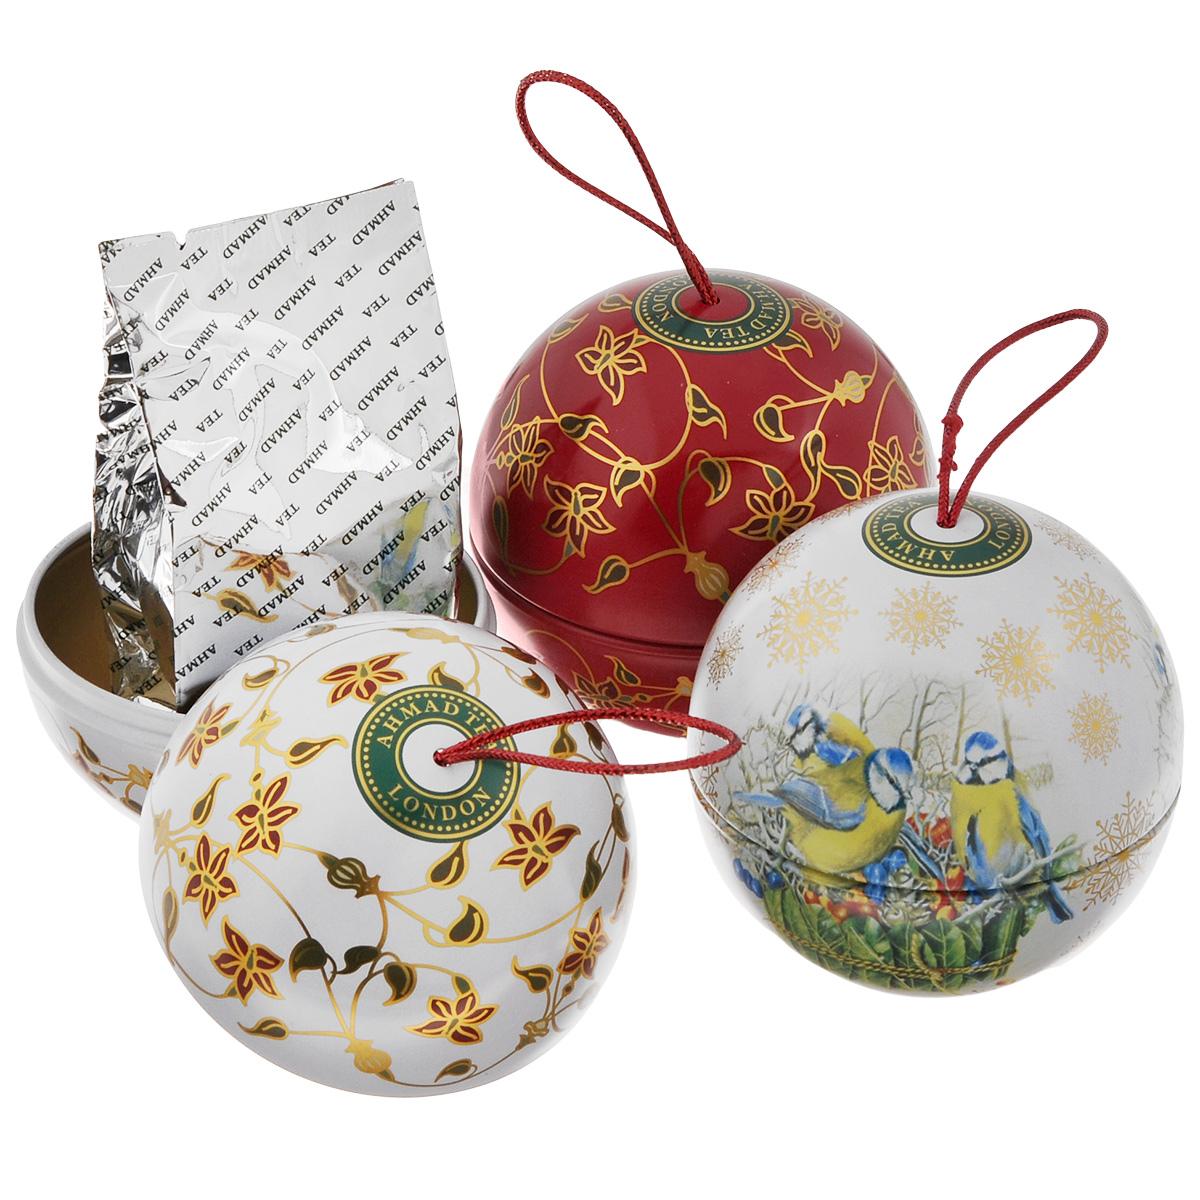 Ahmad Tea Christmas Tree набор ароматизированного чая, 3х30 г0120710Набор чайный Ahmad Tea Christmas Tree. В набор входят:Winter Prune / Зимний Чернослив Сладкий насыщенный, с легкой кислинкой вкус чернослива обрамляет букет восхитительного китайского черного чая, подобно прозрачному бриллианту в драгоценной оправе.Novel Thyme / Благородный ЧабрецАроматный дикий чабрец и душистая спелая клубника в деликатном сочетании с лучшим листовым зеленым чаем из Китая напомнит о летних жарких днях. Ароматный дикий чабрец и душистая спелая клубника в деликатном сочетании с лучшим листовым зеленым чаем из Китая напомнит о летних жарких днях.Yunnan Mist / Юньнань МистЮньнань Мист, происходящий из легендарной китайской провинции Юньнань, исторической родины чая, обладает уникальным пикантным вкусом, дымным ароматом и ярко-золотистым цветом настоя. Внимание! Подарочная упаковка в виде шаров поставляется в ассортименте и может отличаться от представленной на фото.